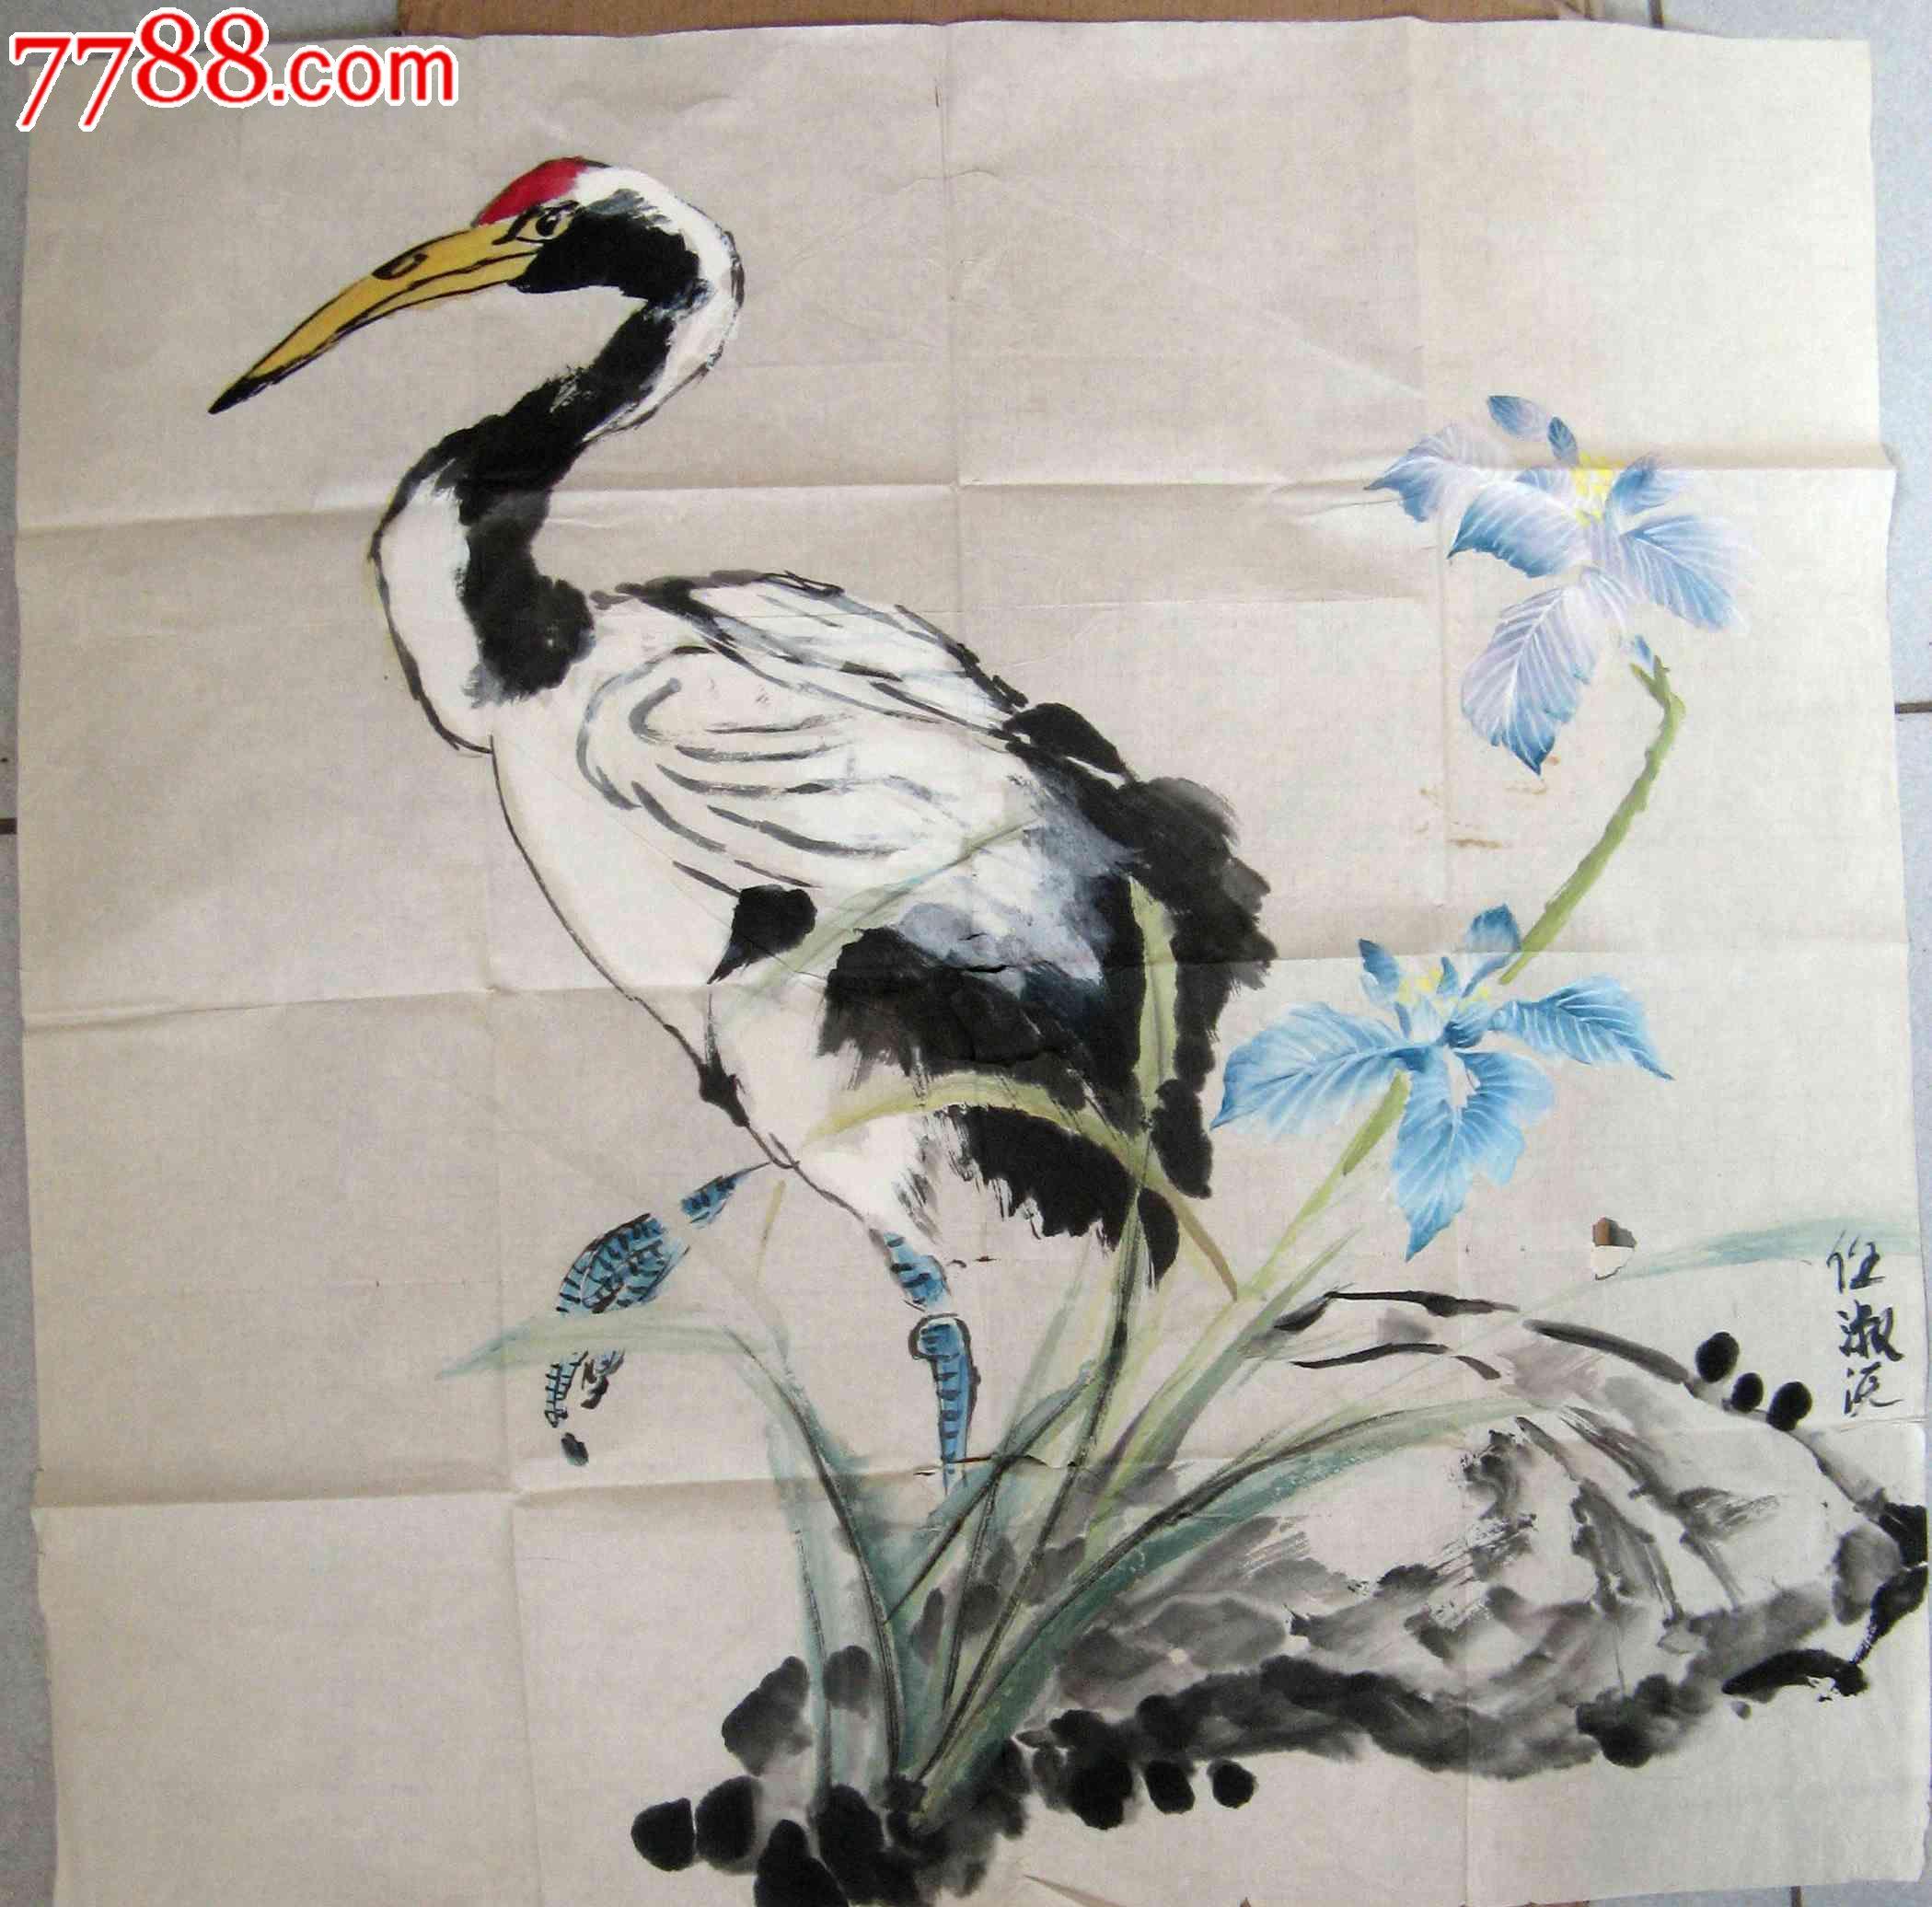 隽秀亮丽的四尺斗方仙鹤画:祥和长寿图